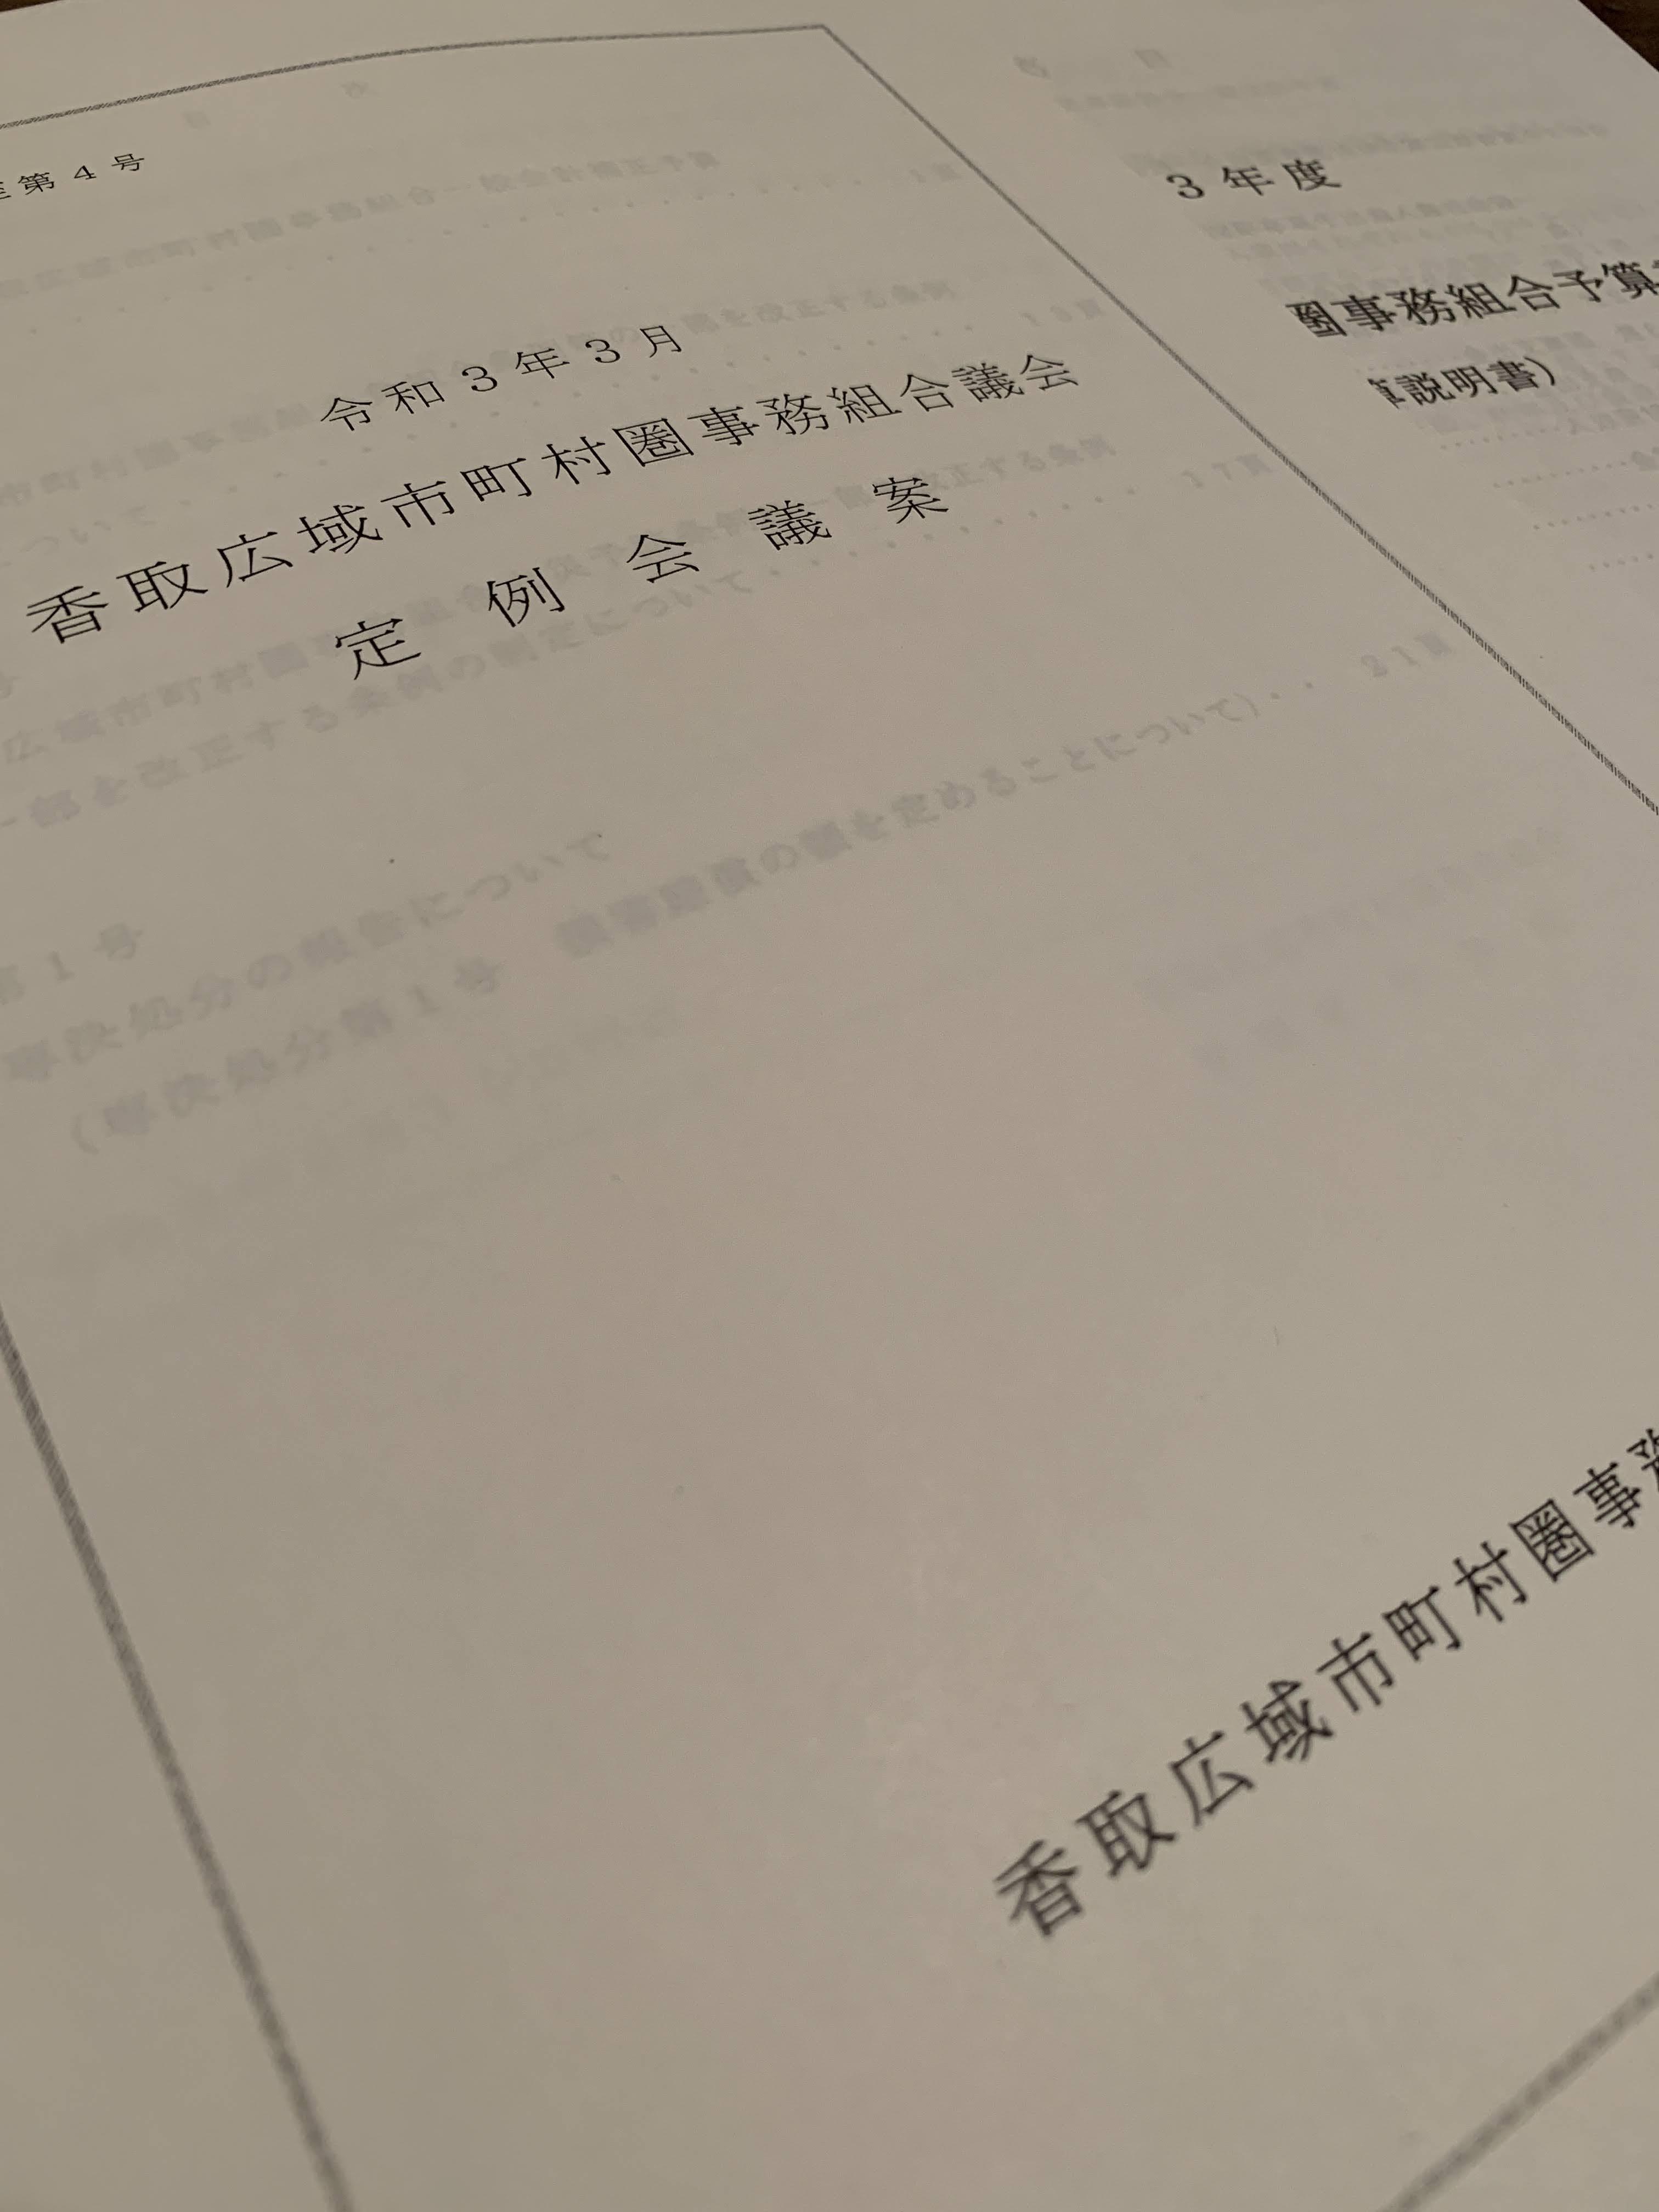 令和3年3月香取広域市町村圏事務組合議会定例会